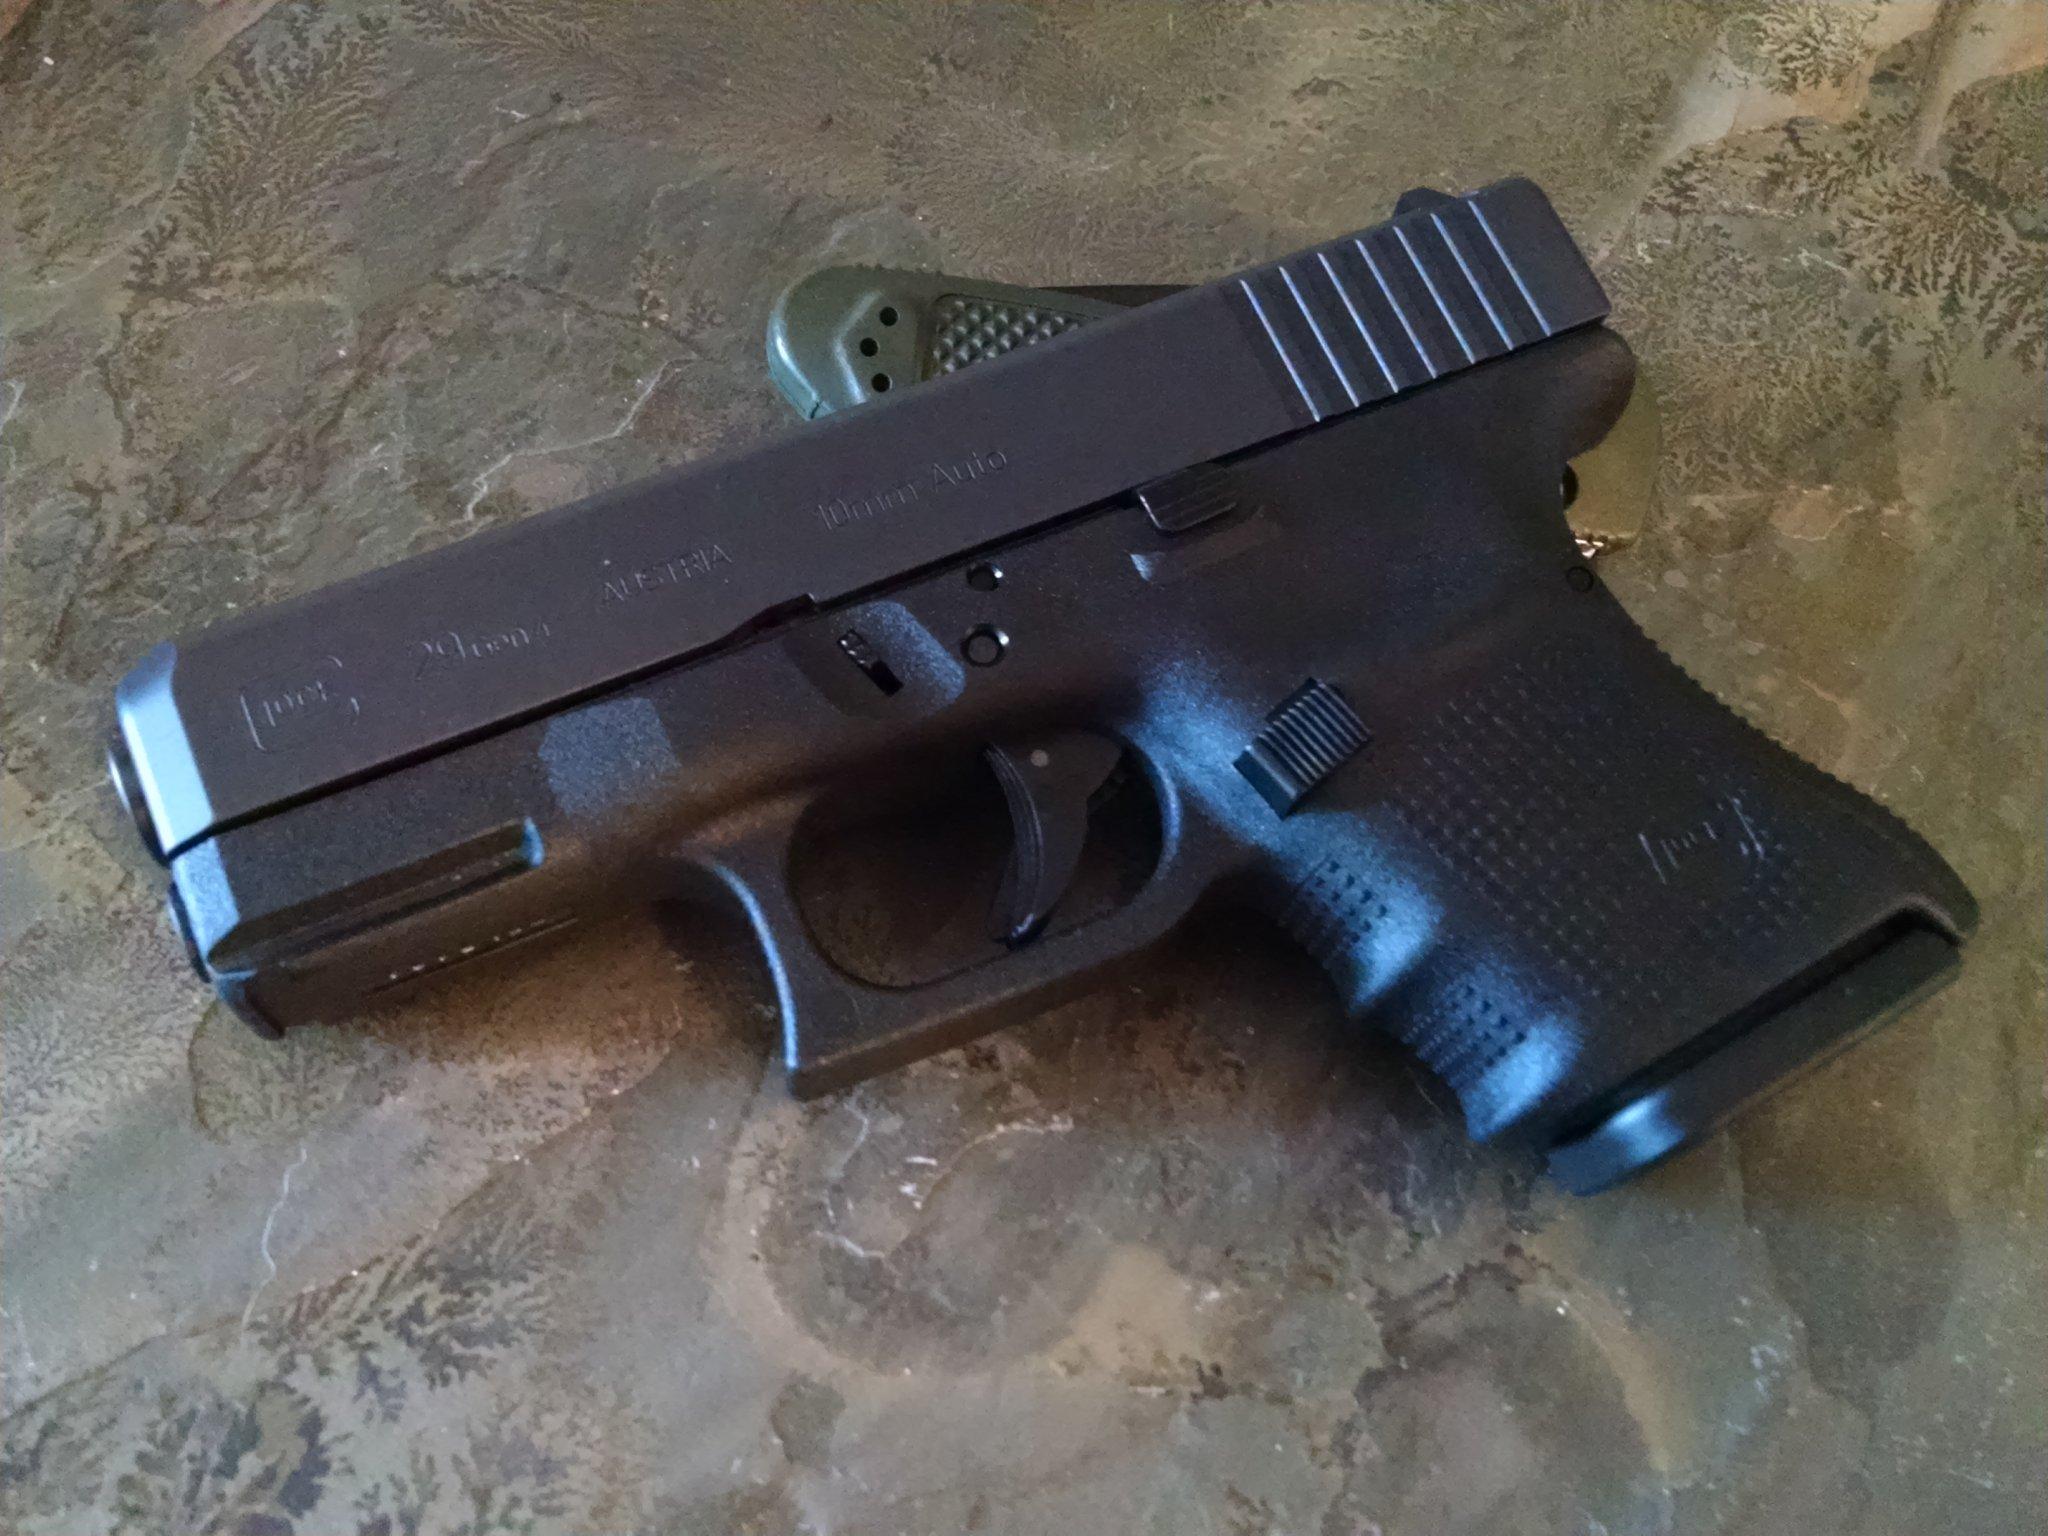 New gun: Glock G29 Gen 4 10mm | Christian Forums